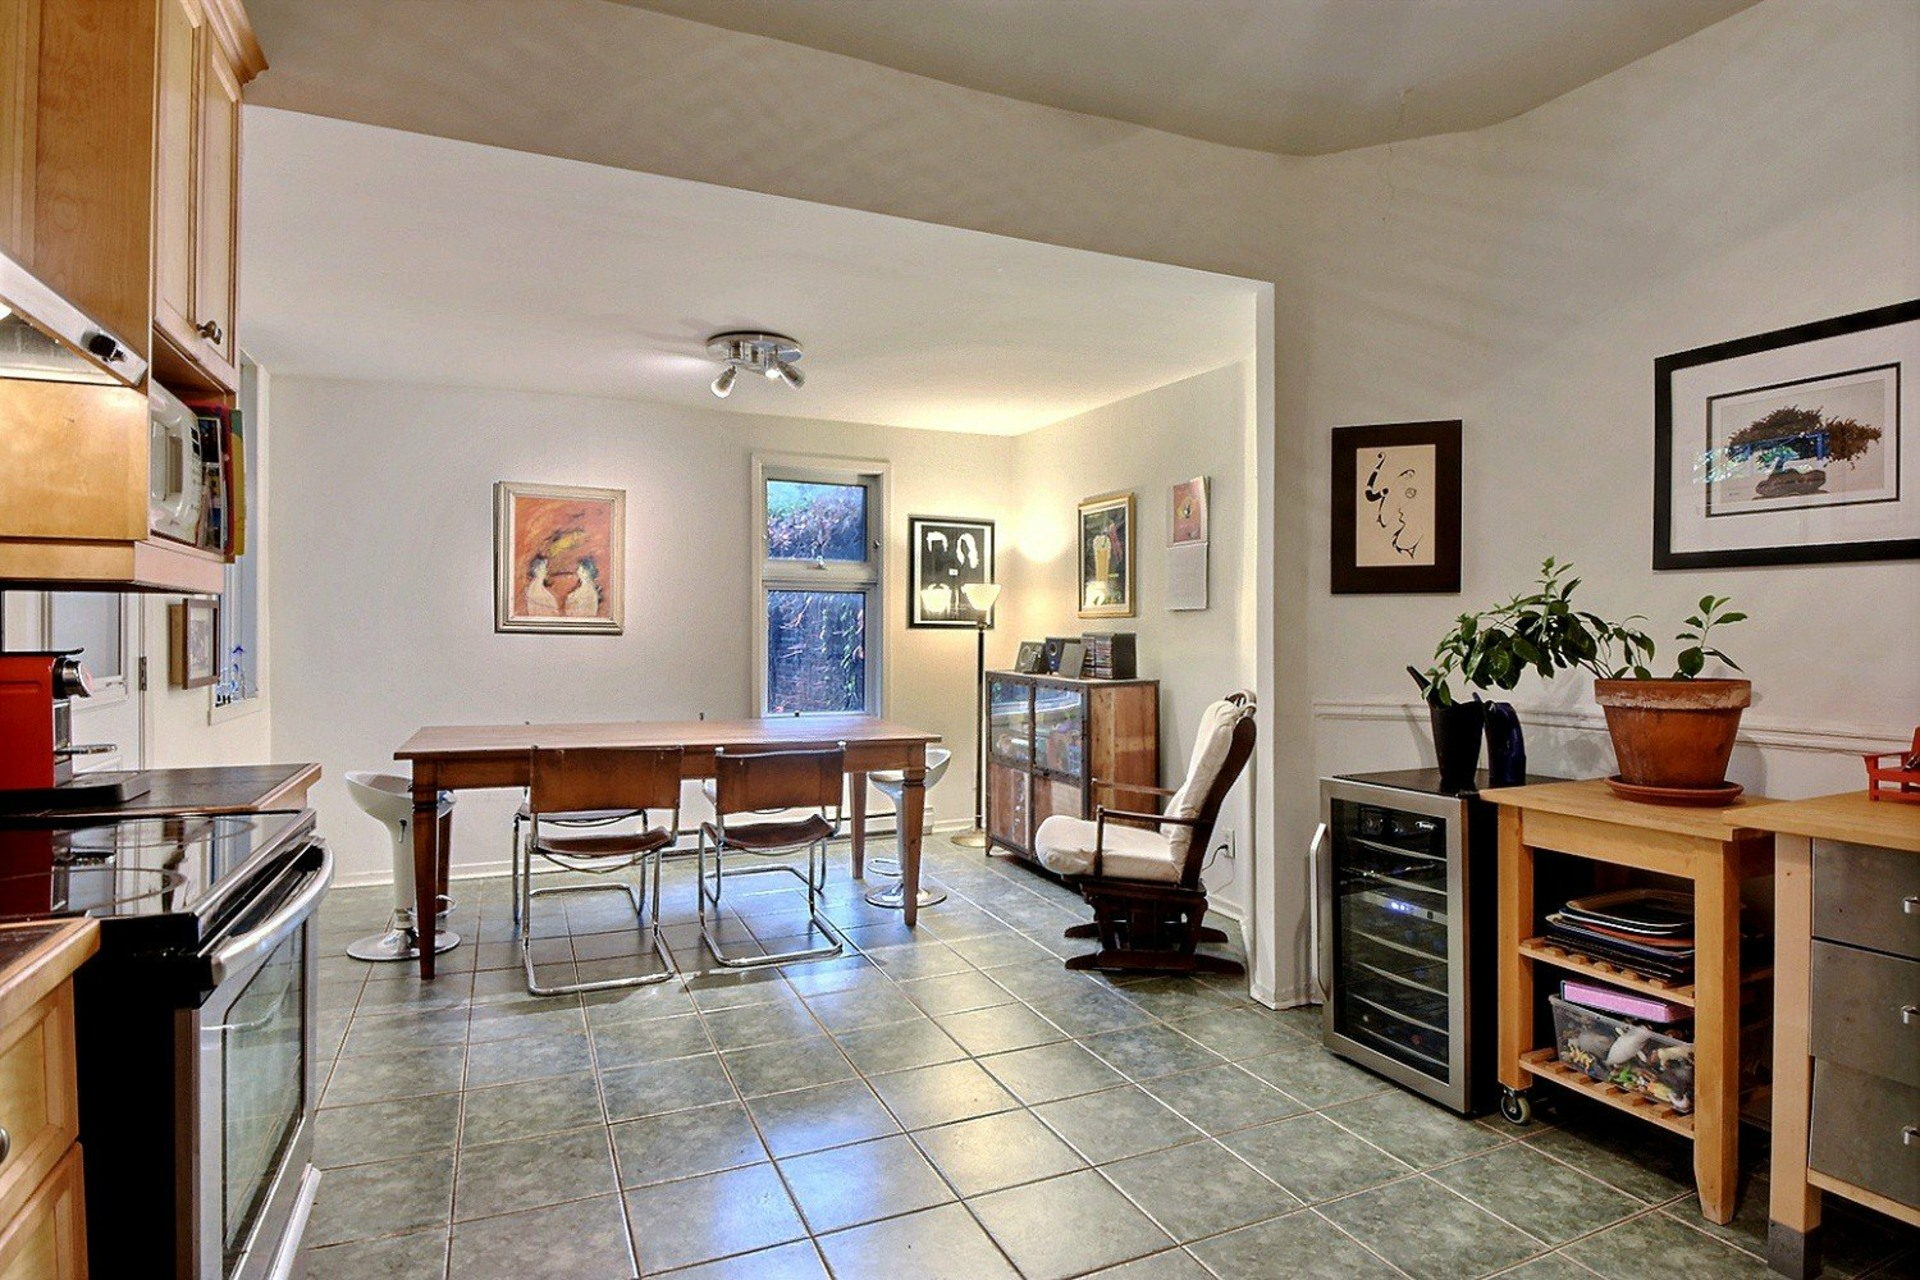 image 8 - Apartment For sale Montréal Le Plateau-Mont-Royal  - 7 rooms